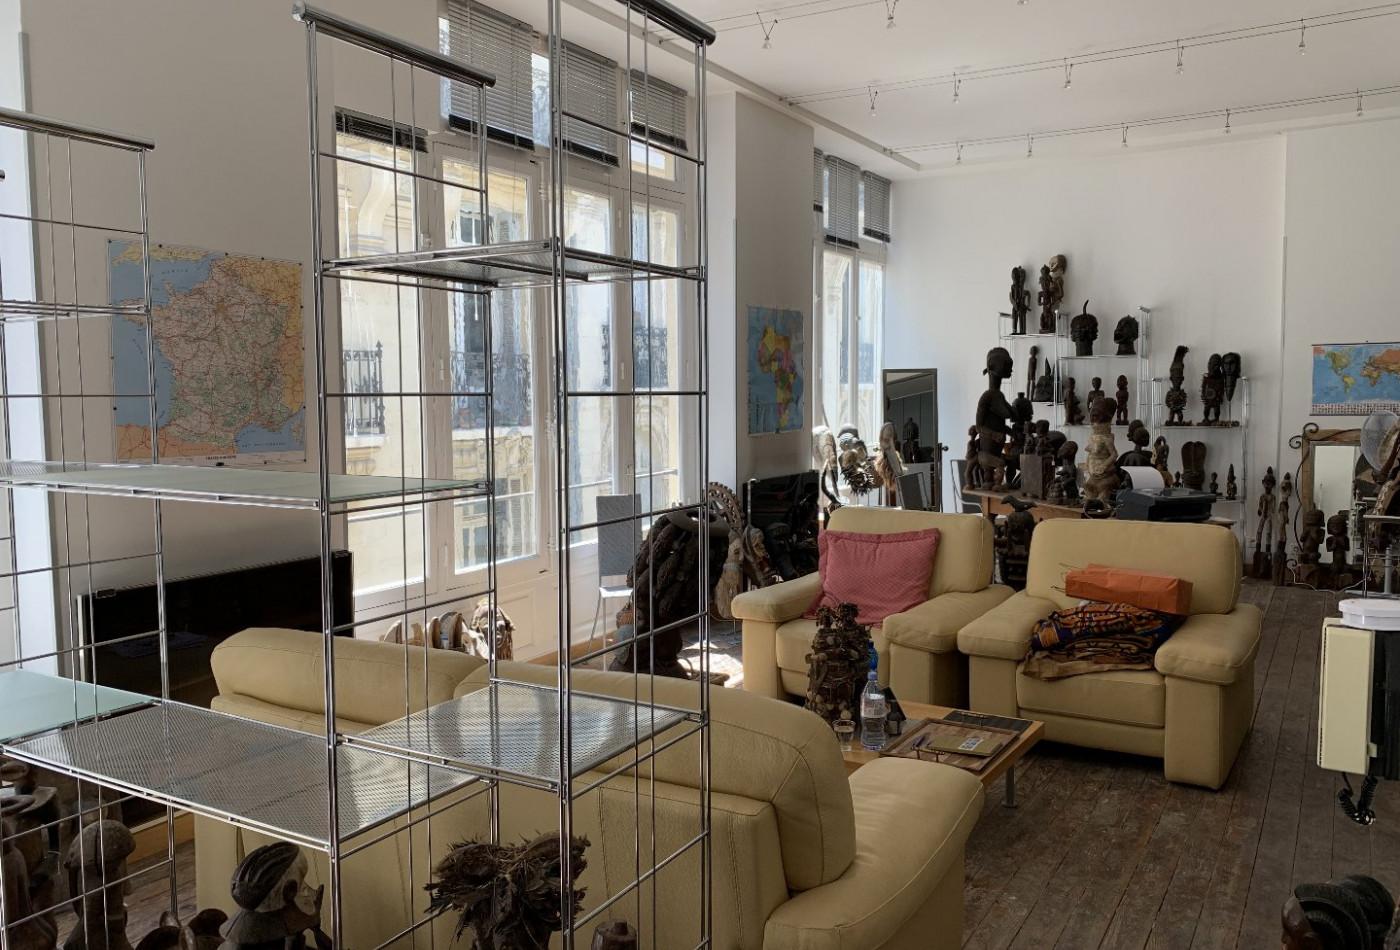 A vendre  Montpellier | Réf 343012902 - Agences daure immobilier